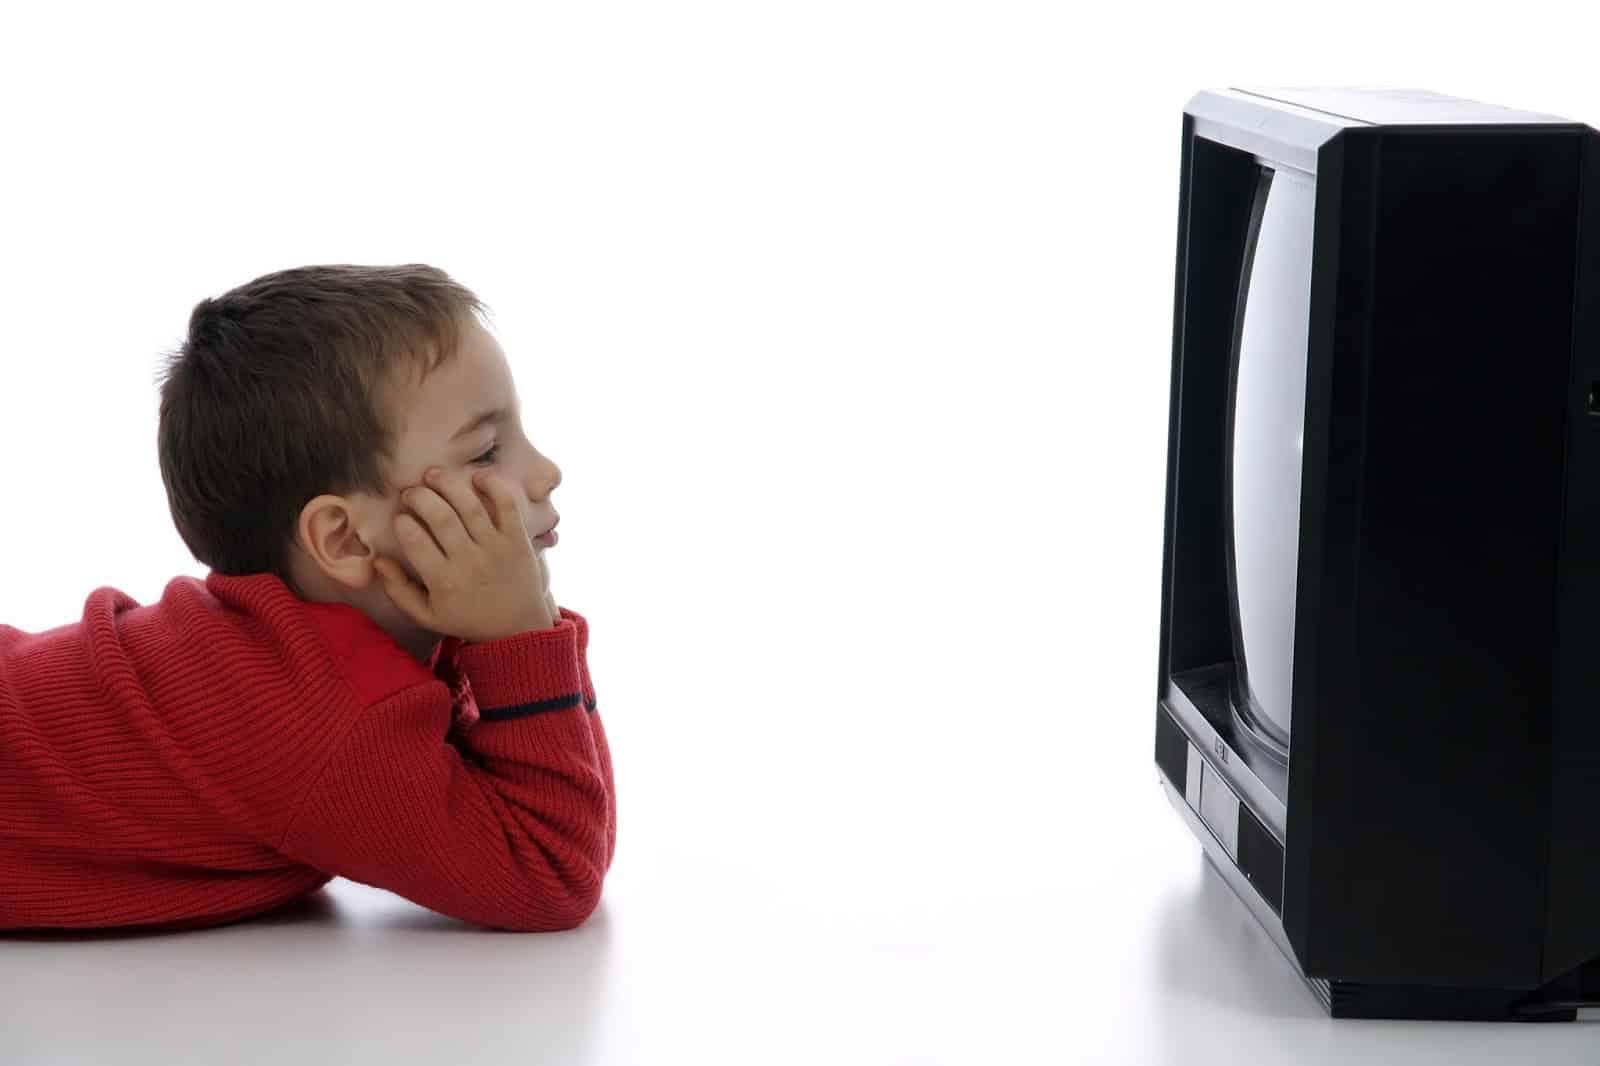 телевизор и развитие детей